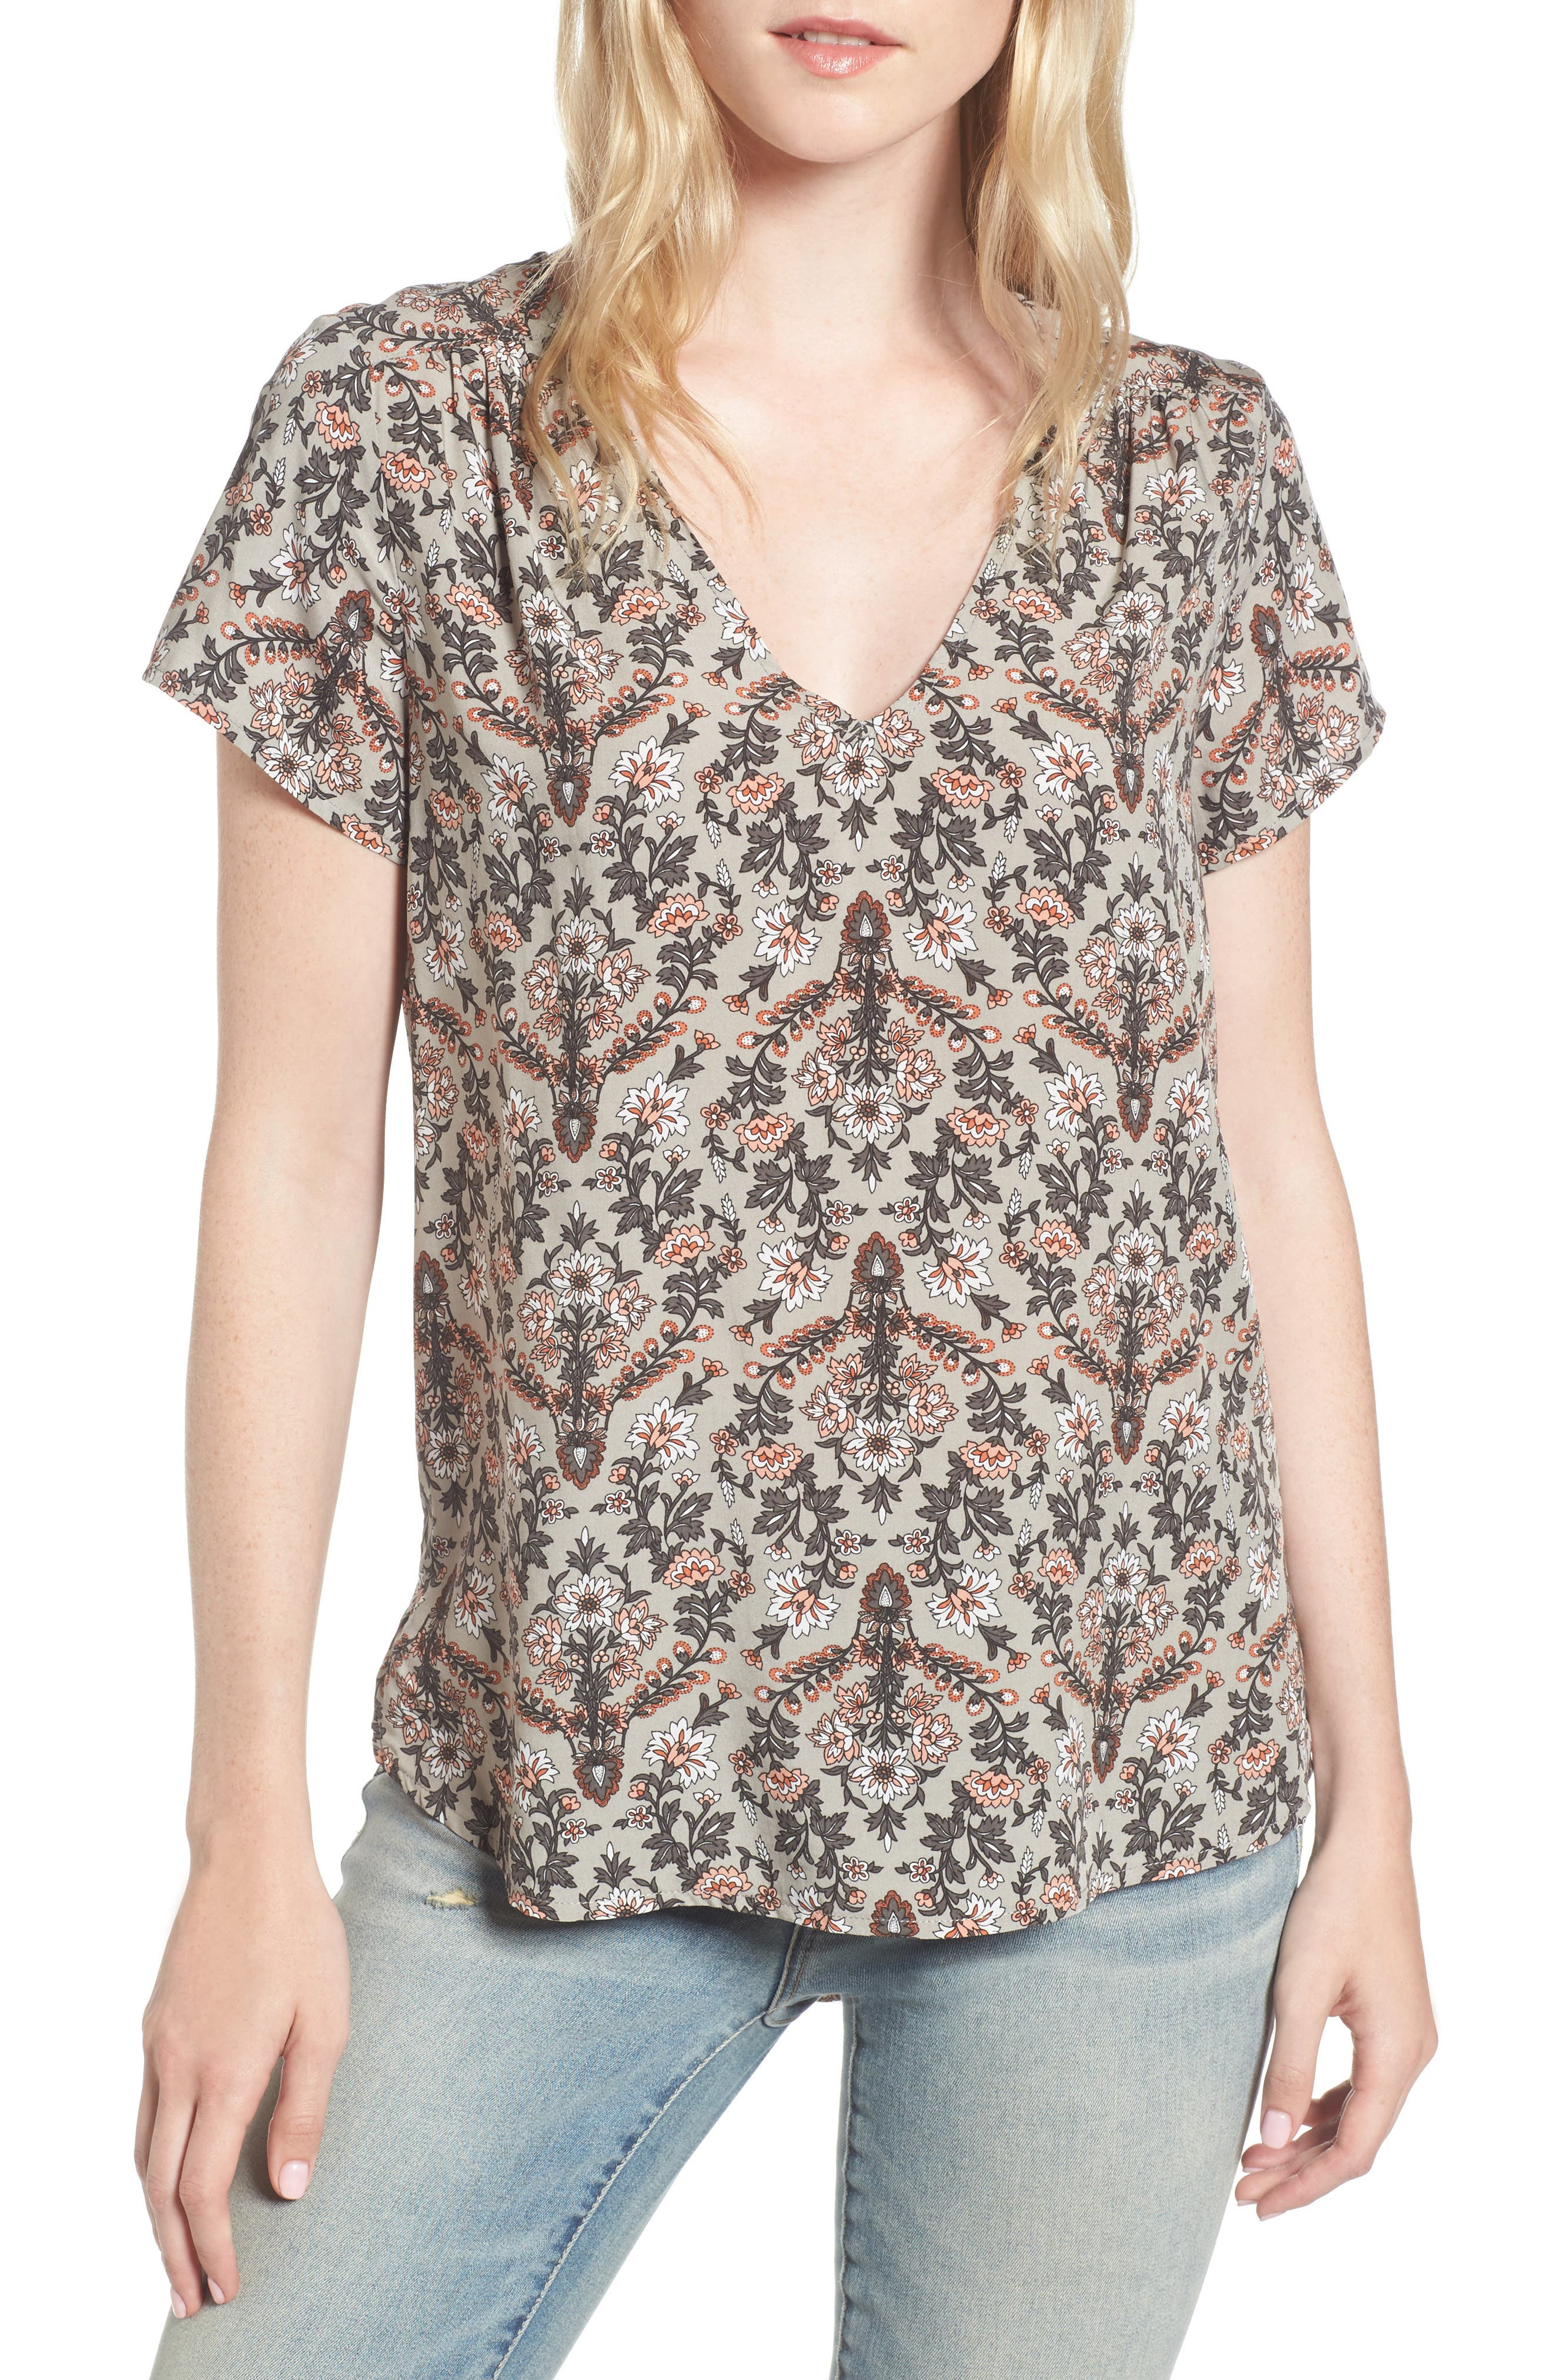 Alternate Image 1 Selected - Hinge Floral V-Neck Top